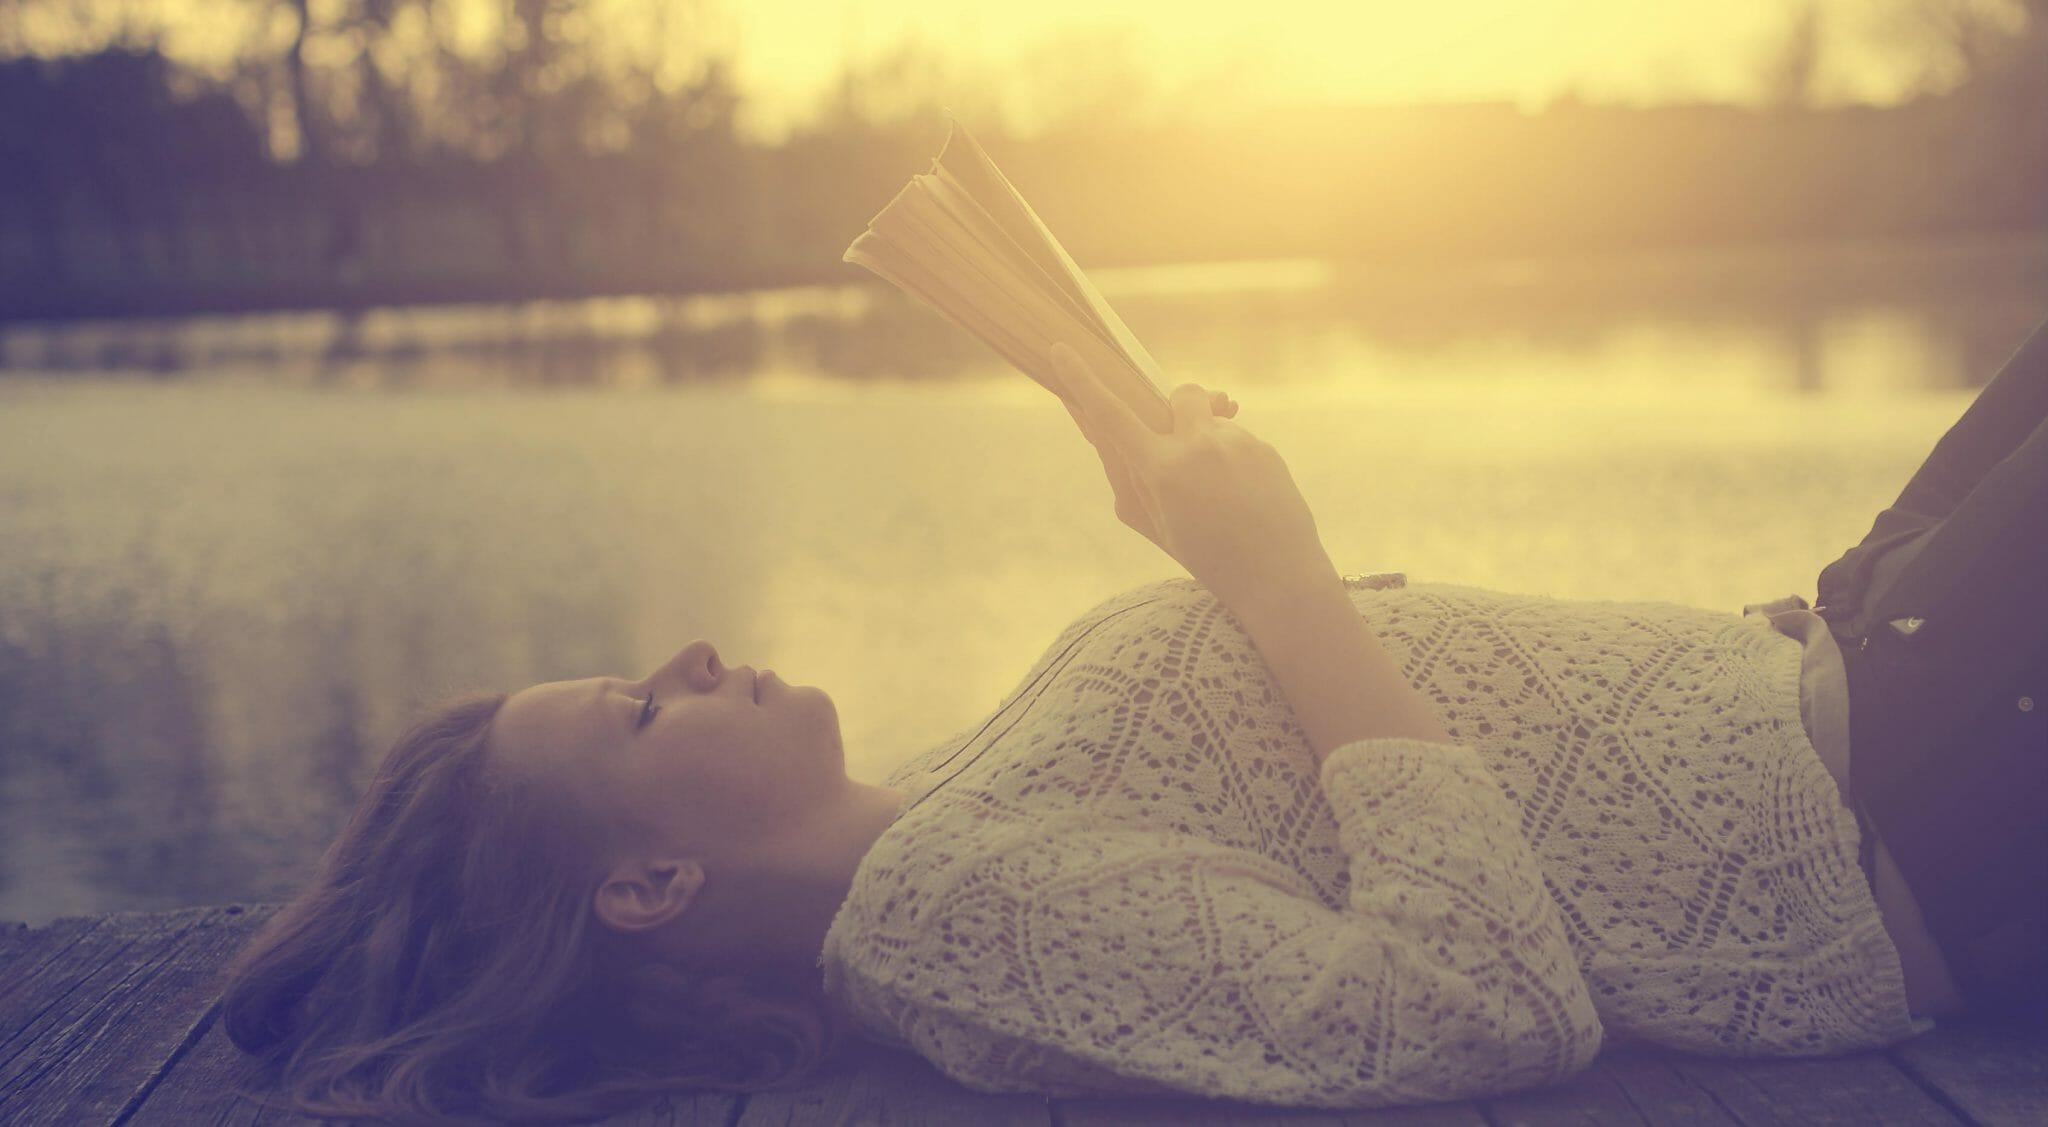 leggere libri lettori lettrice libro